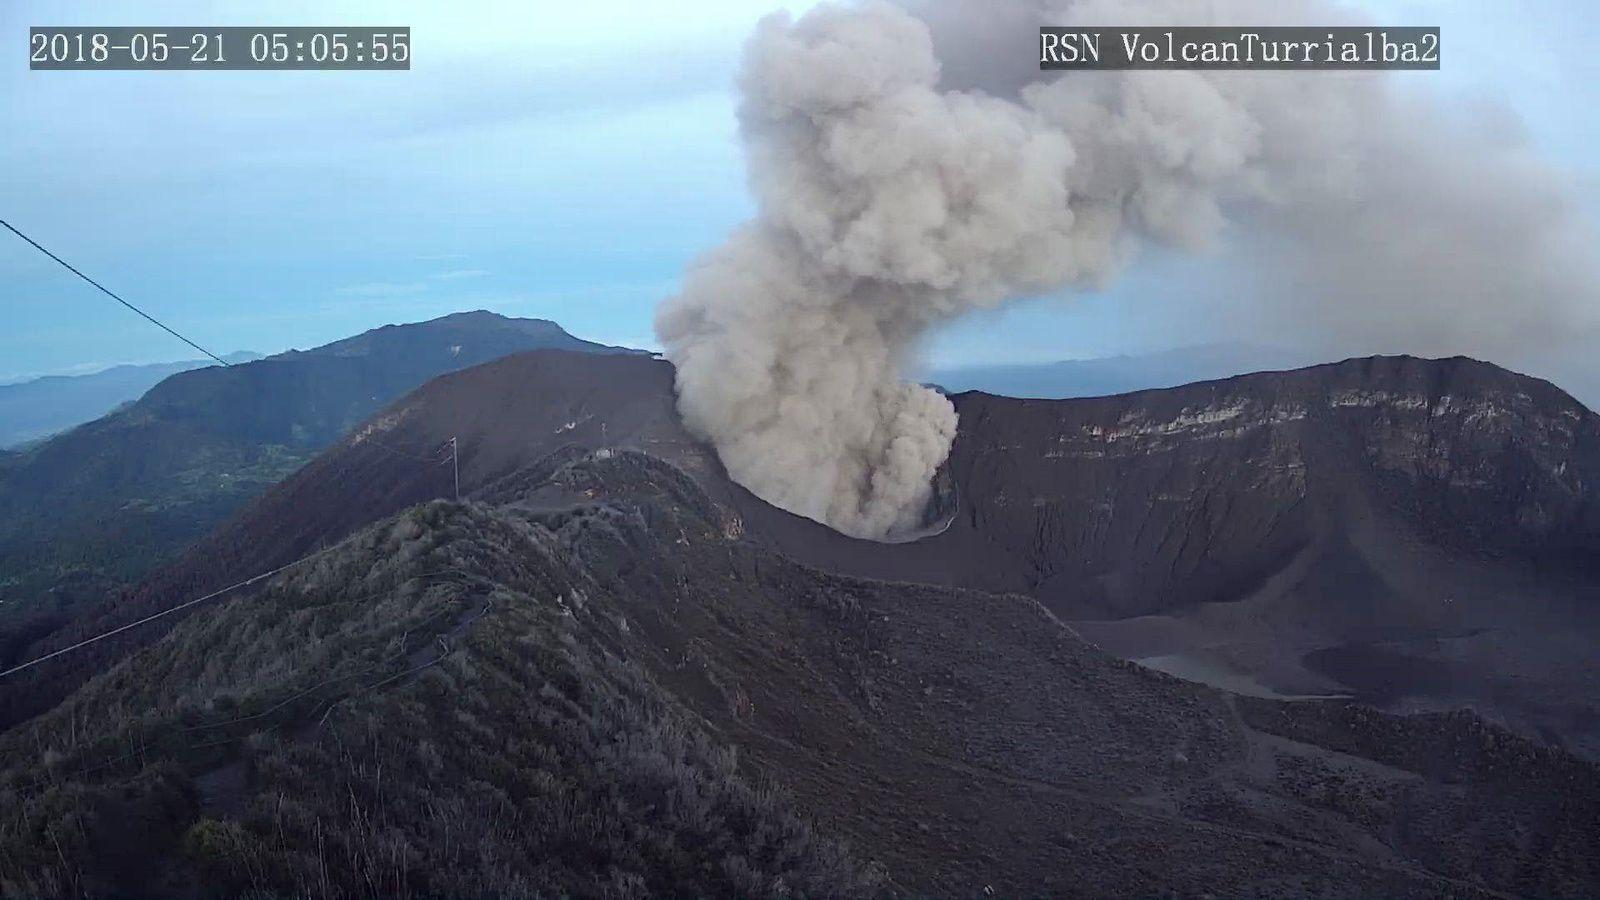 Turrialba - émission passive de cendres le 21.05.2018 / 5h05  -  webcam RSN